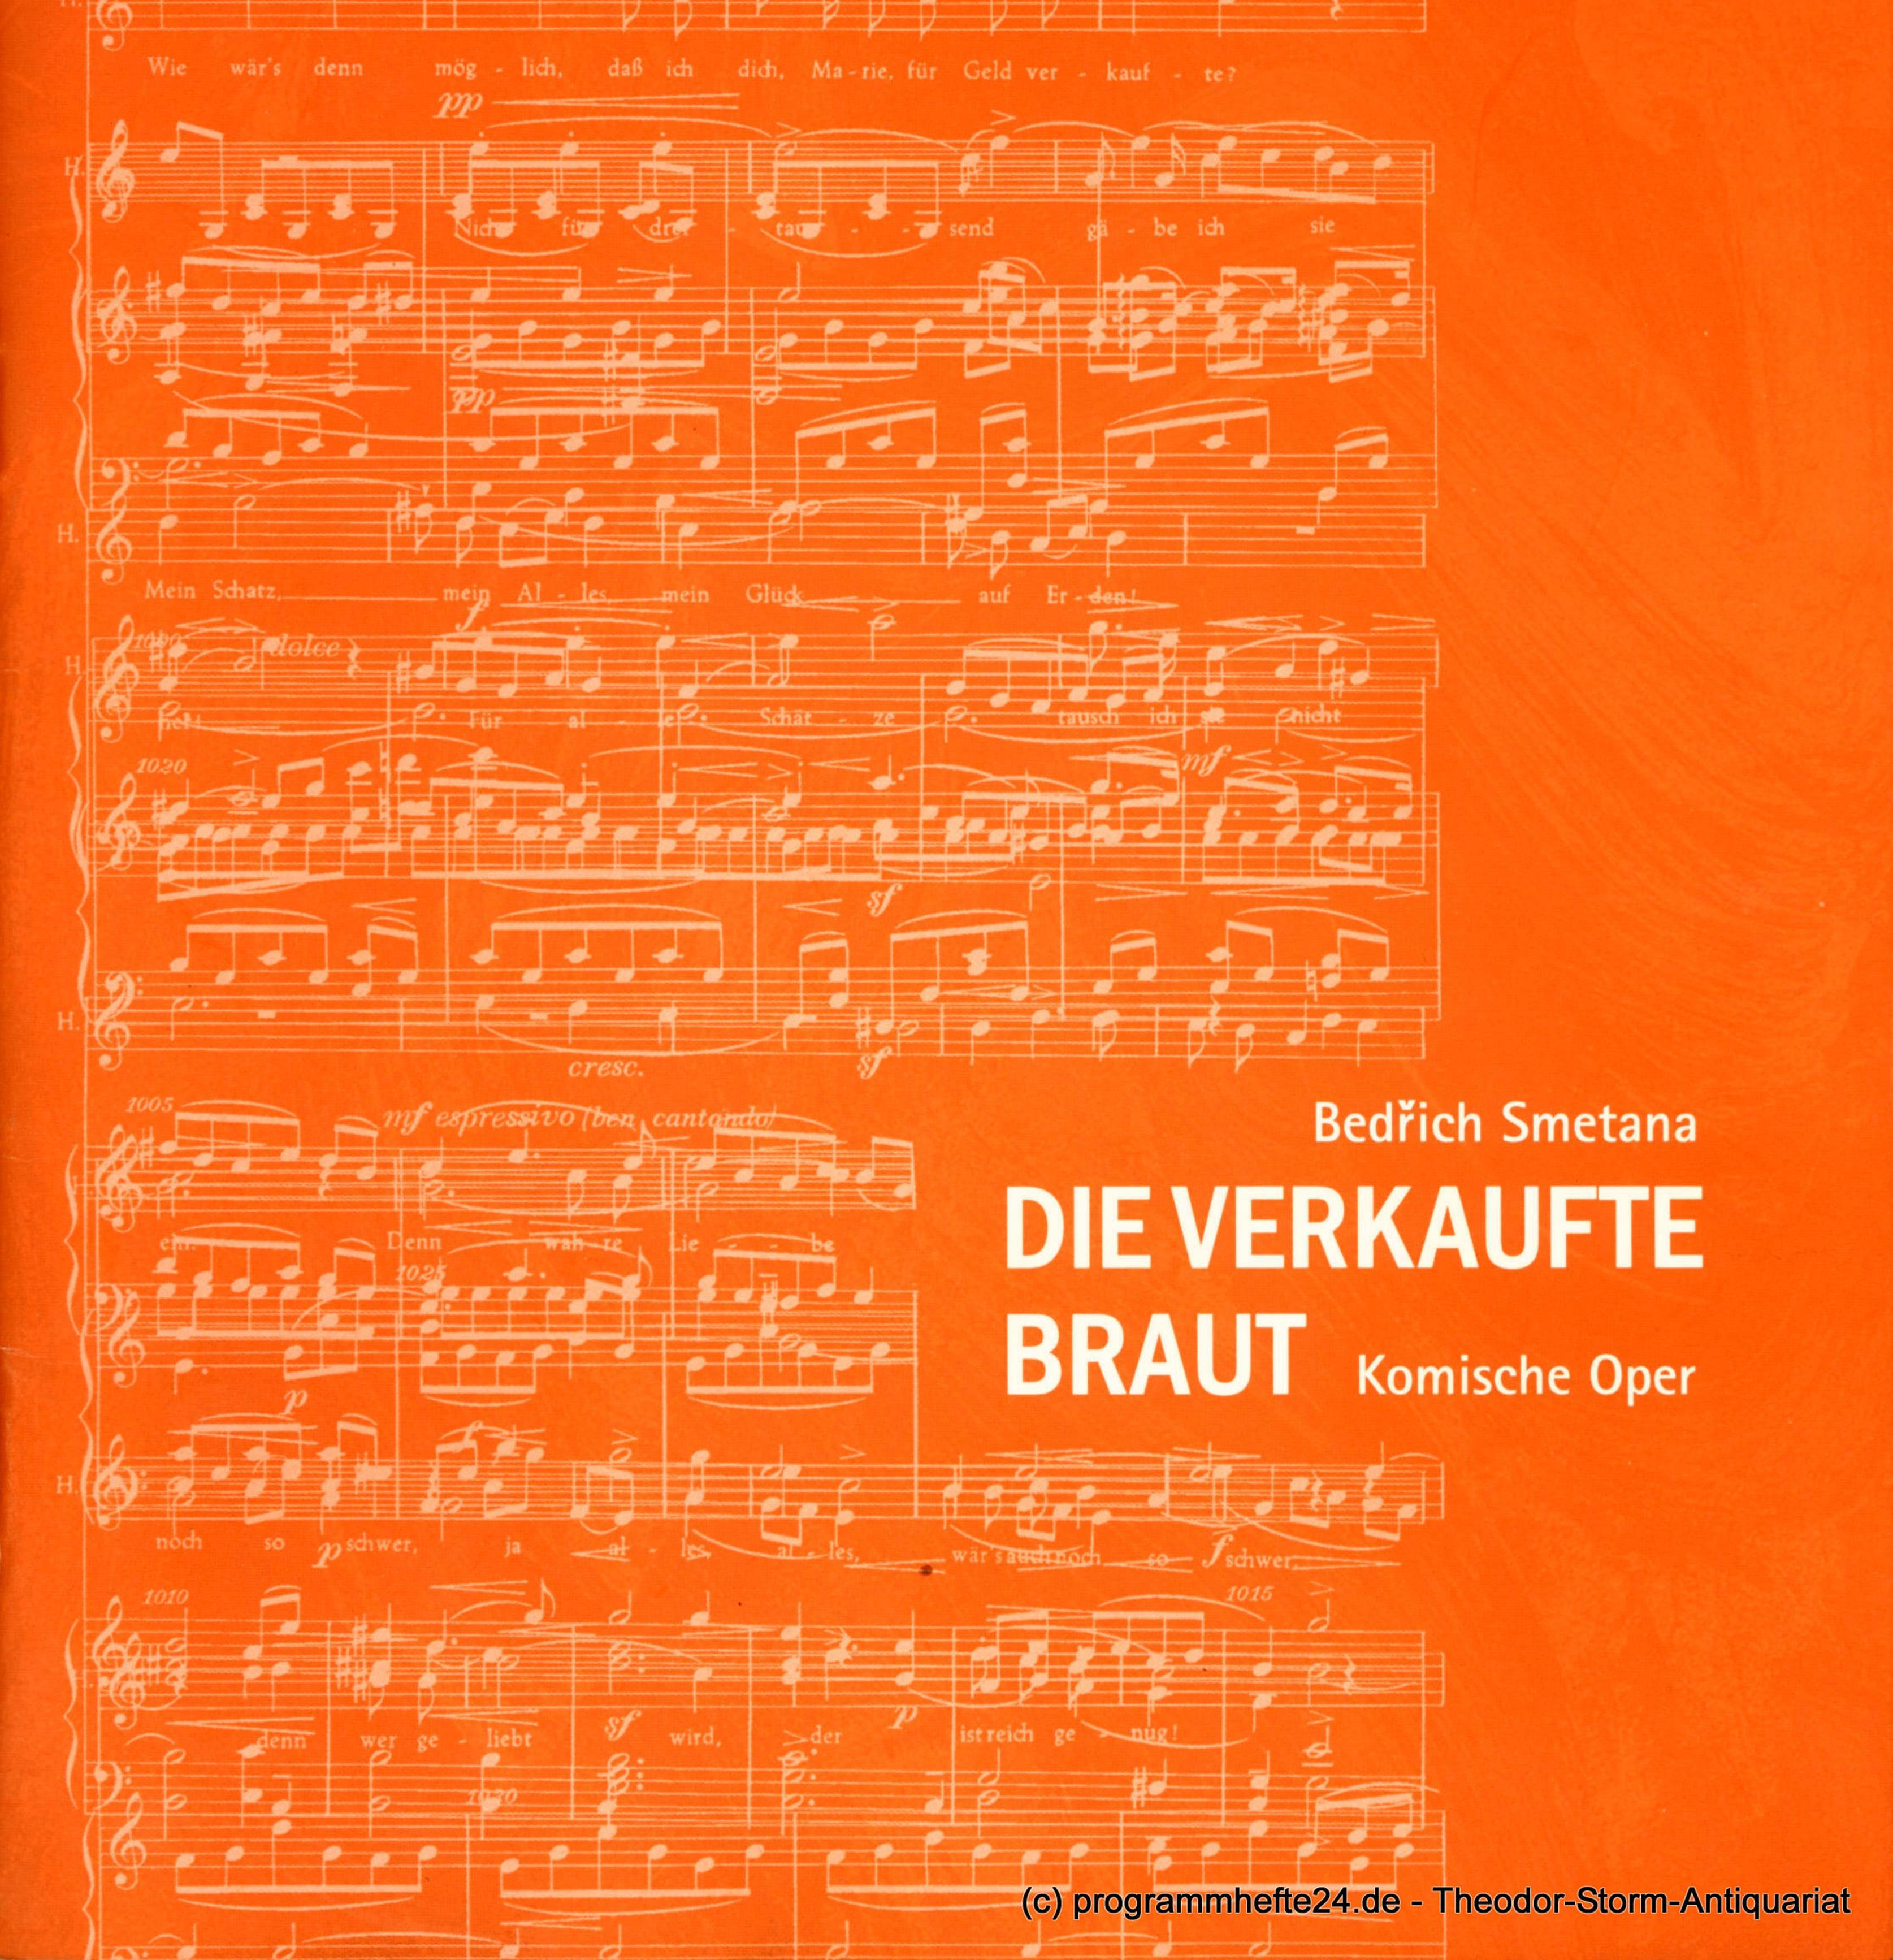 Programmheft Die verkaufte Braut. Komische Oper von Bedrich Smetana. Premiere 6.